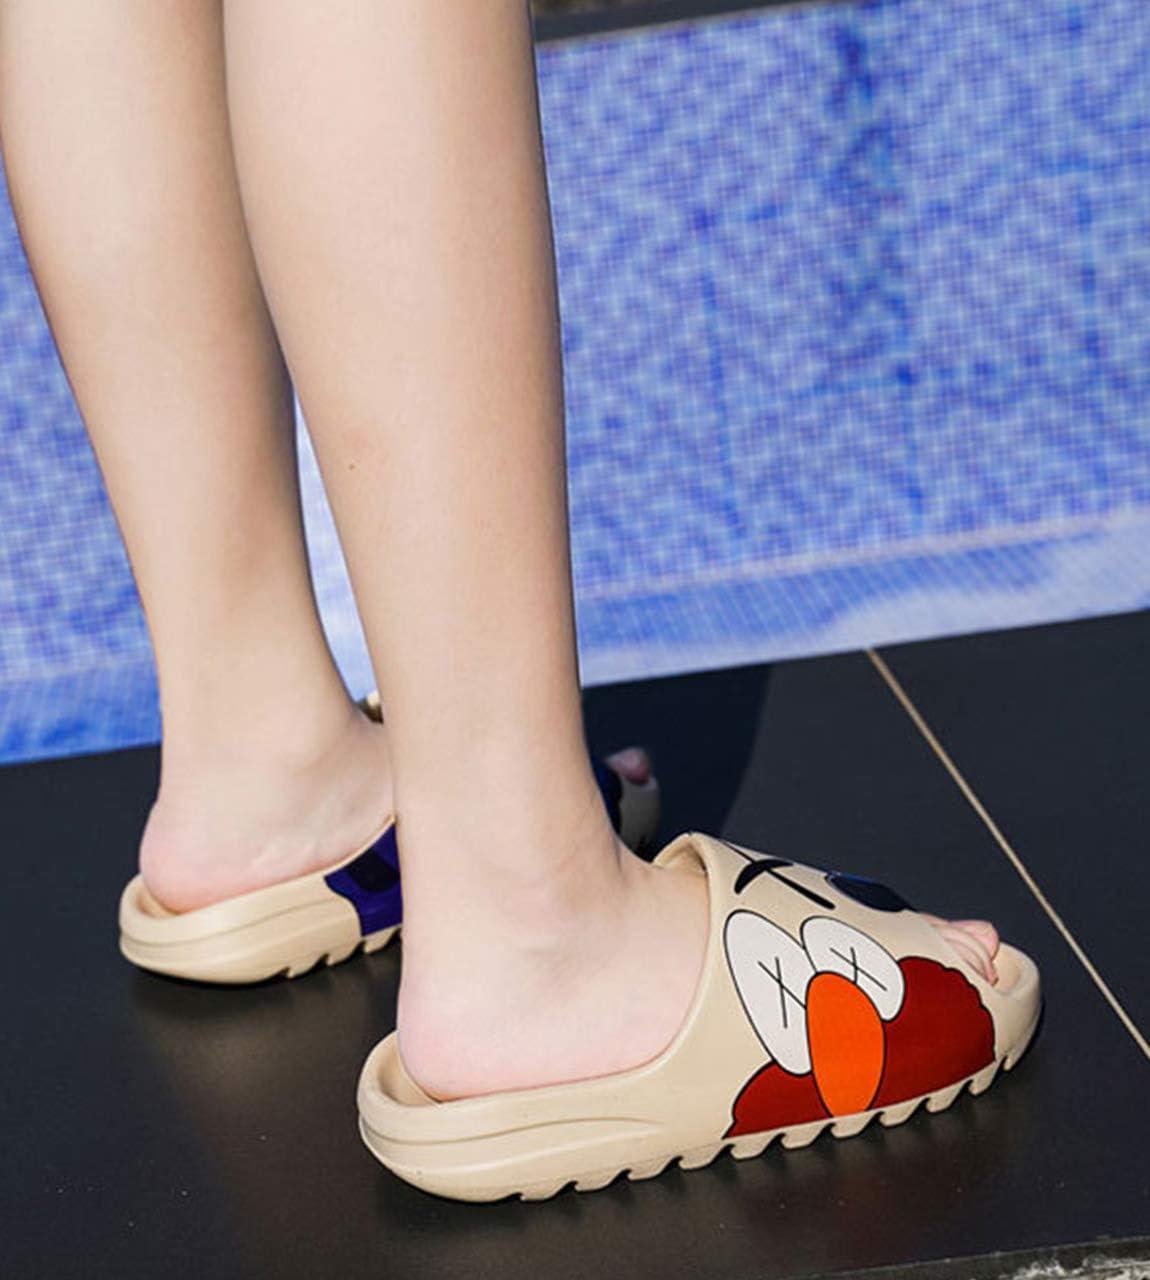 FURPO Unisex Slide Sandal Summer Slippers Non-Slip Soft Platform Pool Slides, Indoor & Outdoor House Slides Slippers, Light Weight EVA Slides Shoes for Mens Womens Teenager Beige-W 9.5 Women/8 Men